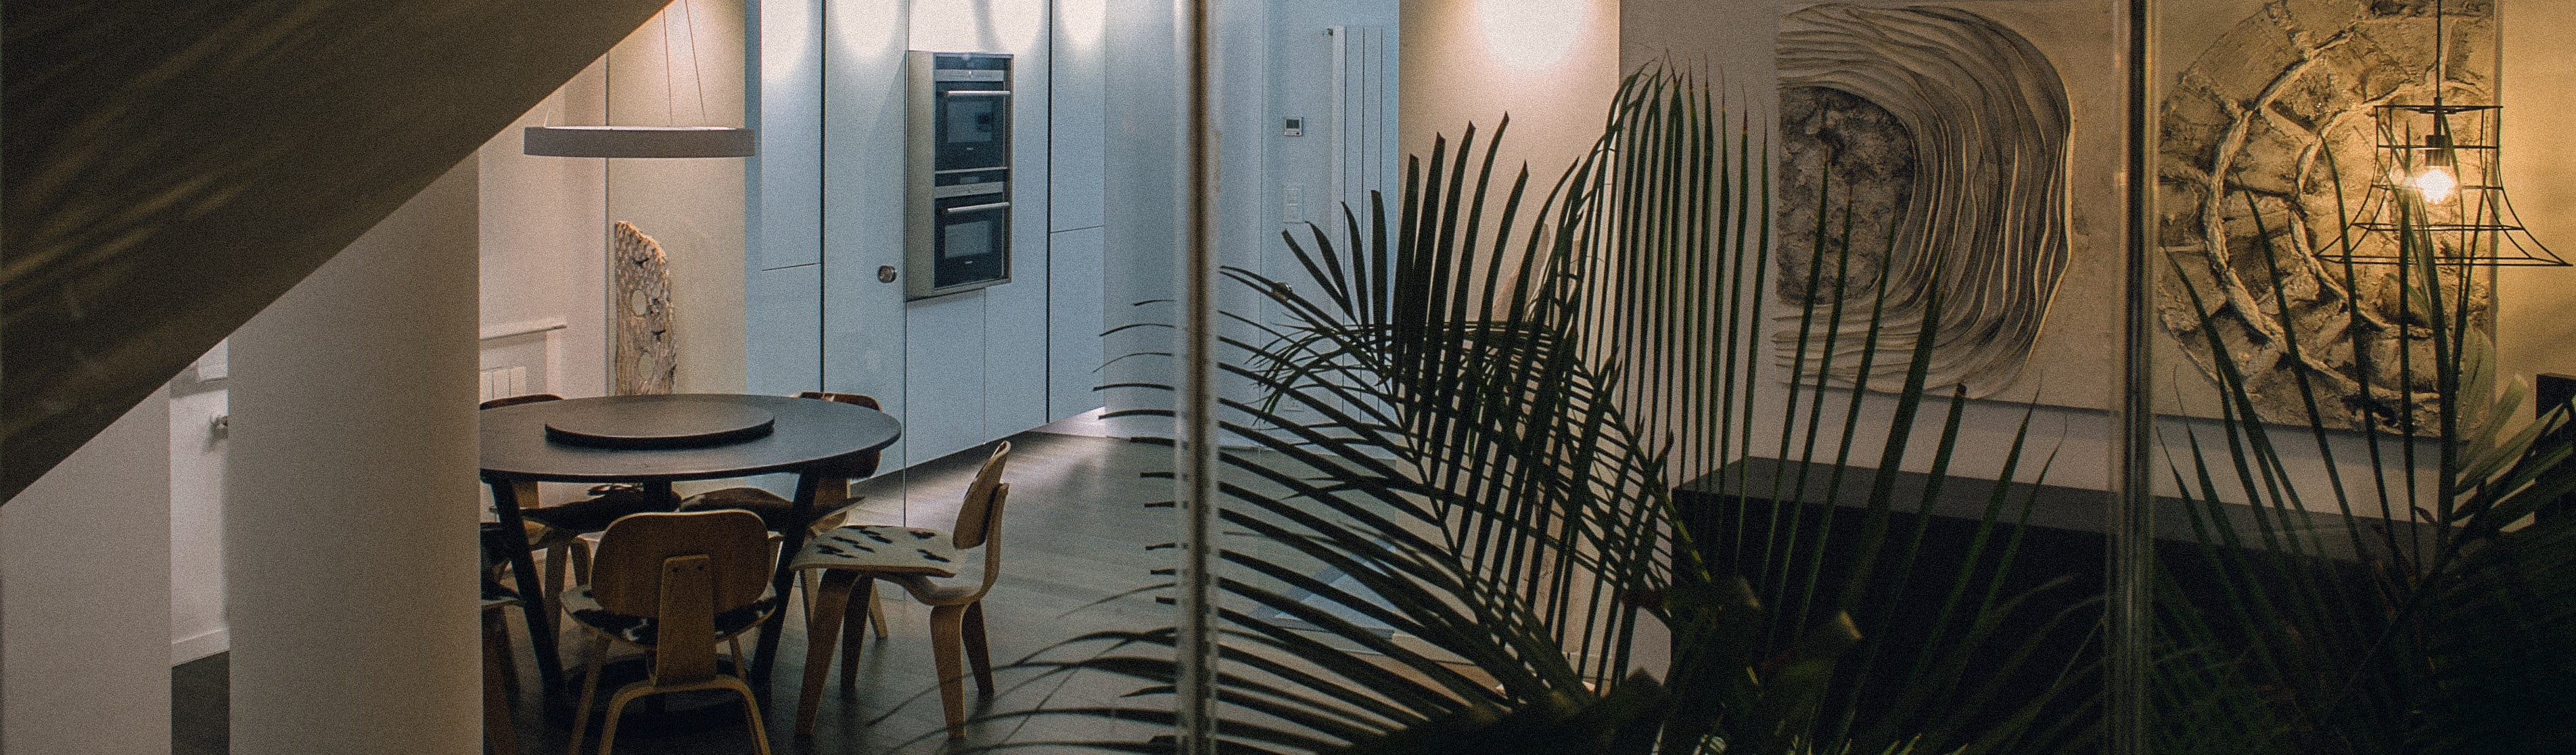 Juancho gonzalez decoradores y dise adores de interiores - Decoradores en murcia ...